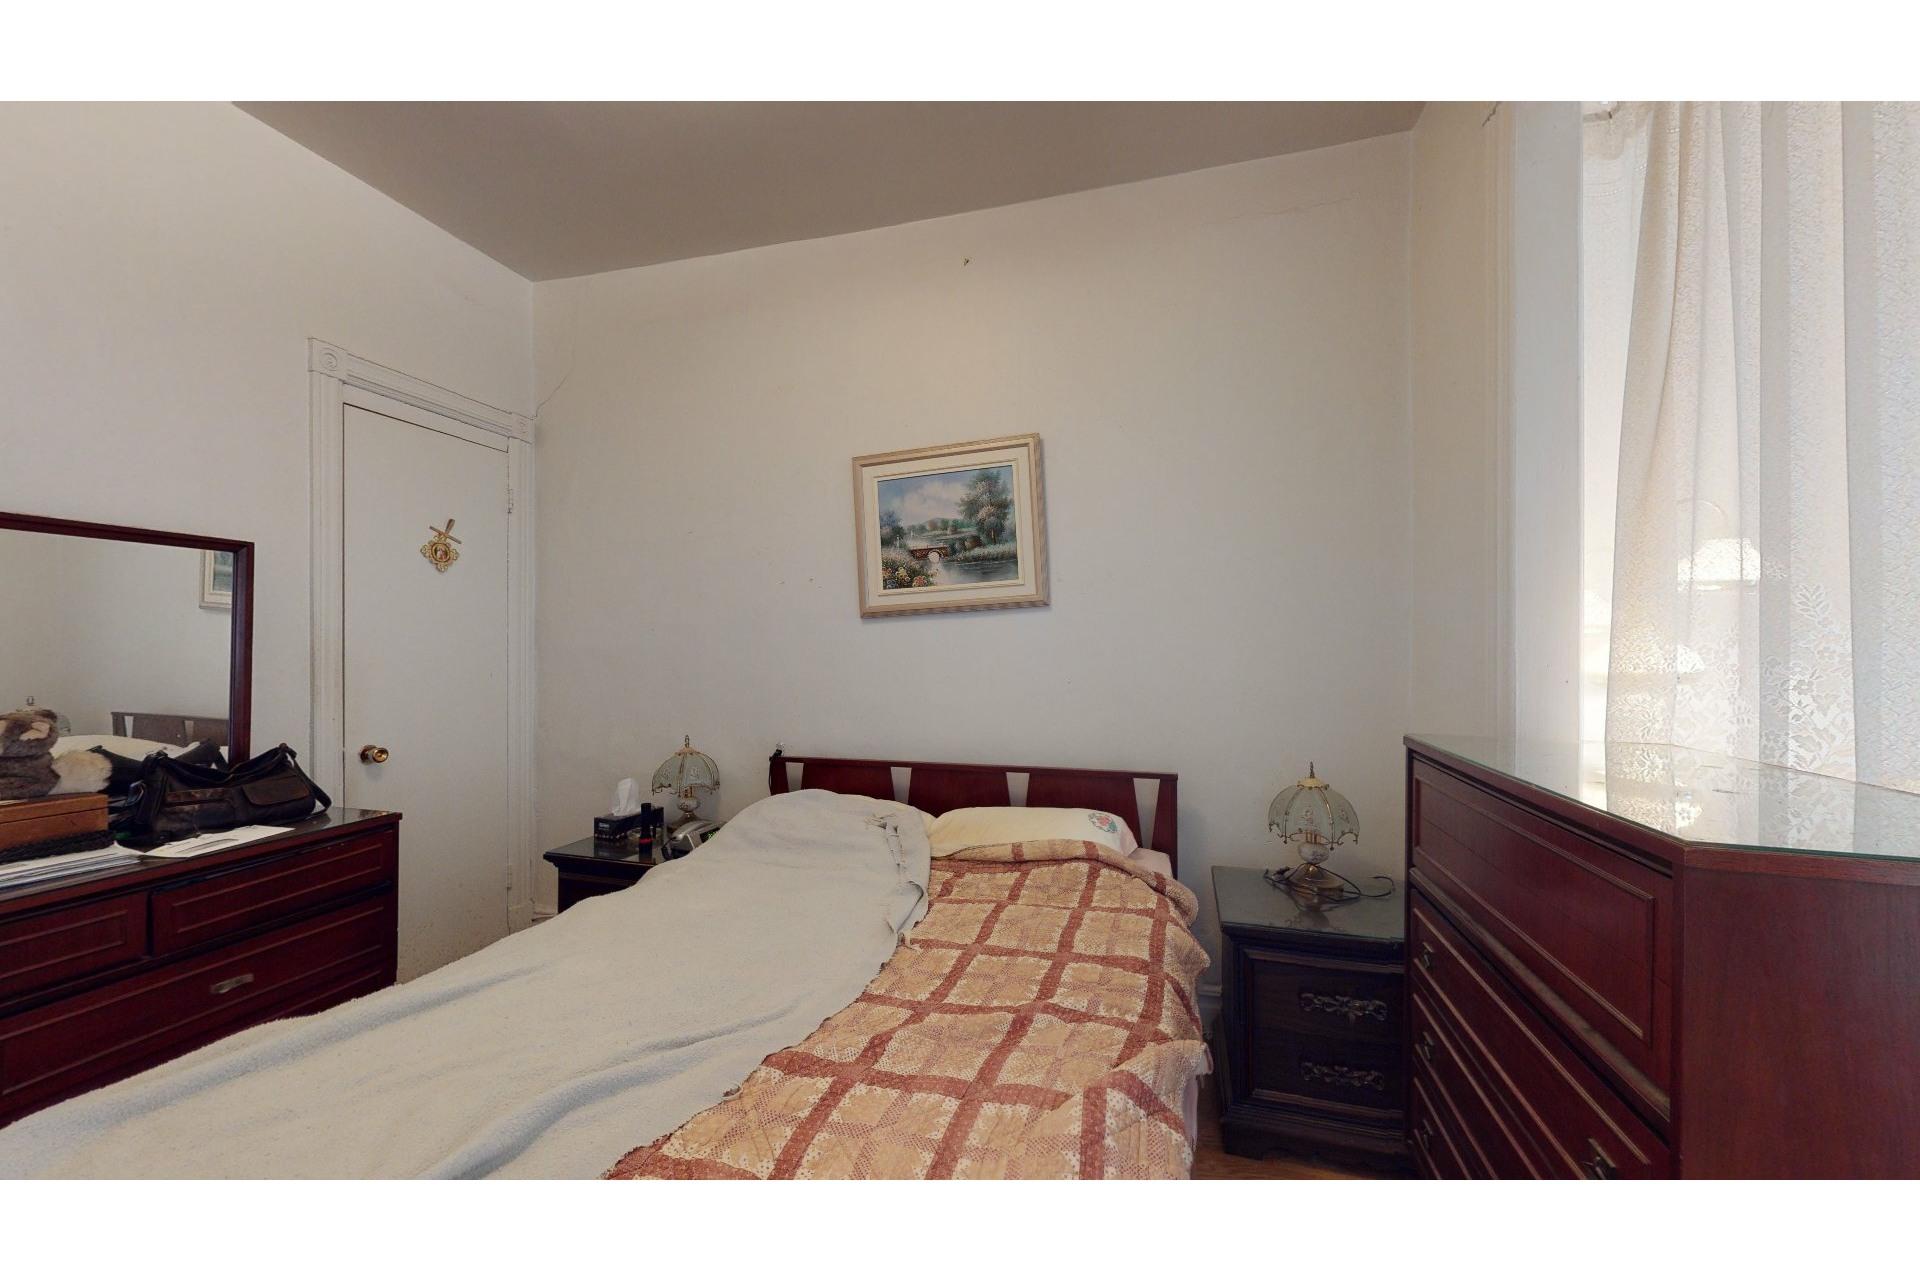 image 27 - Duplex À vendre Rosemont/La Petite-Patrie Montréal  - 4 pièces